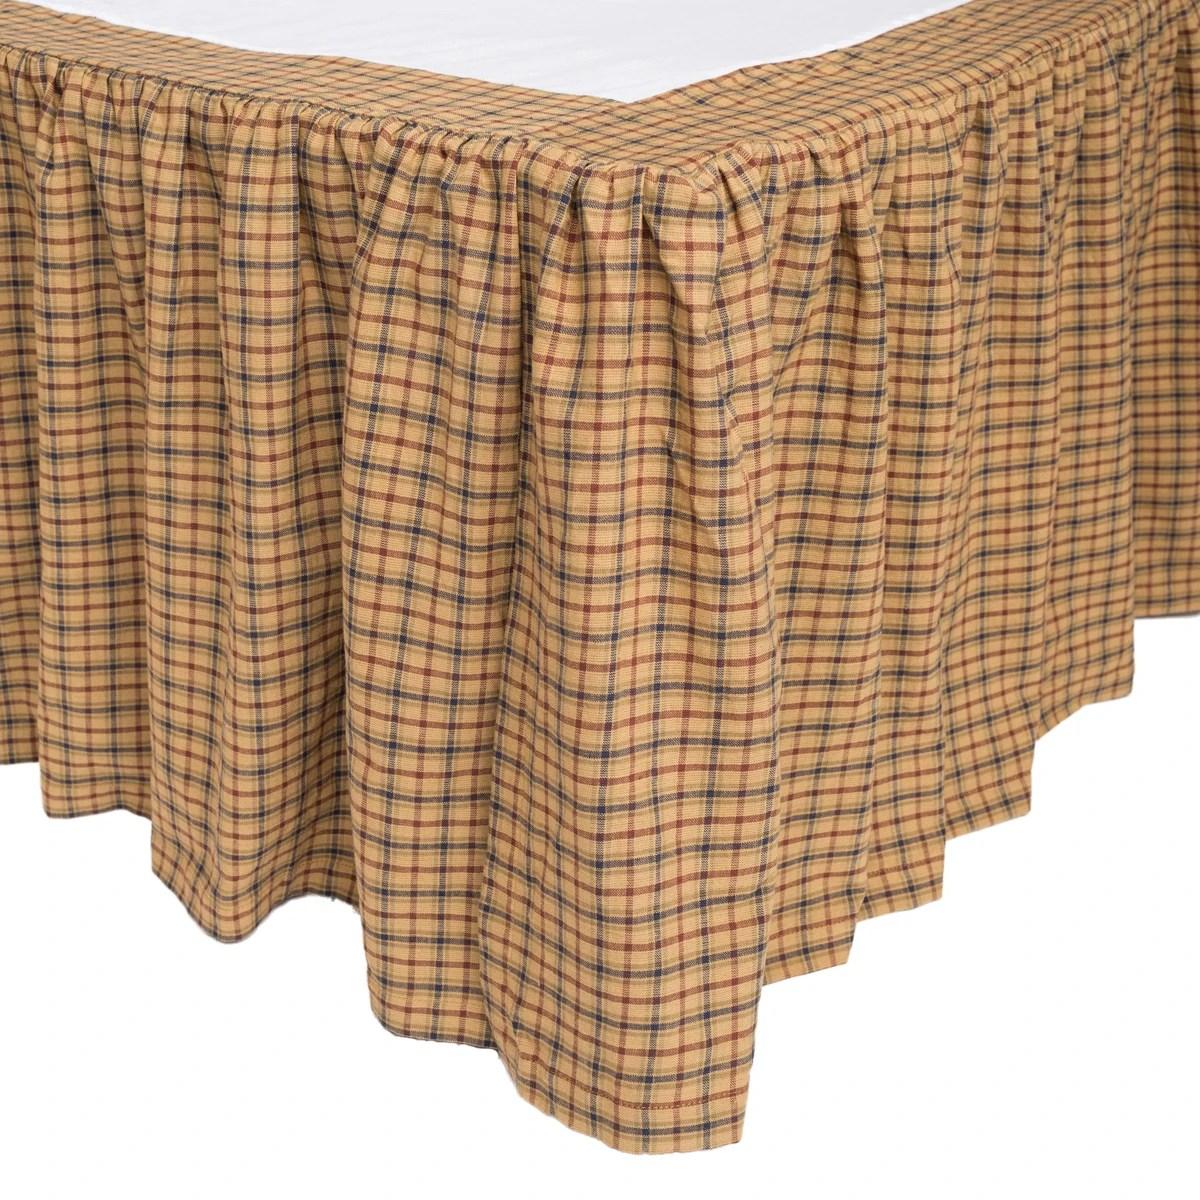 Vhc Brands Millsboro King Bed Skirt